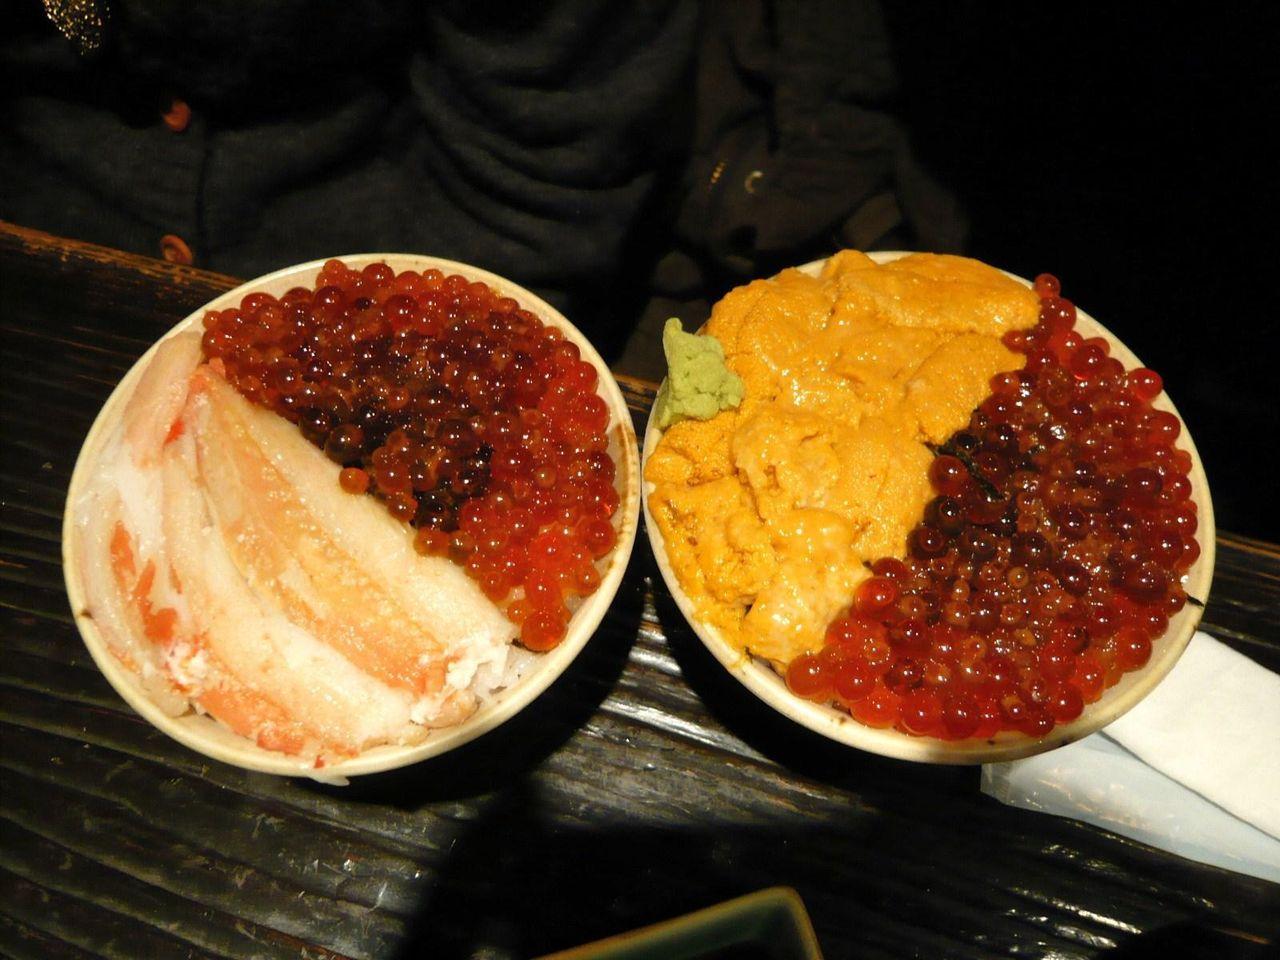 左はミニ北海スペシャル丼、右はミニぜいたく丼